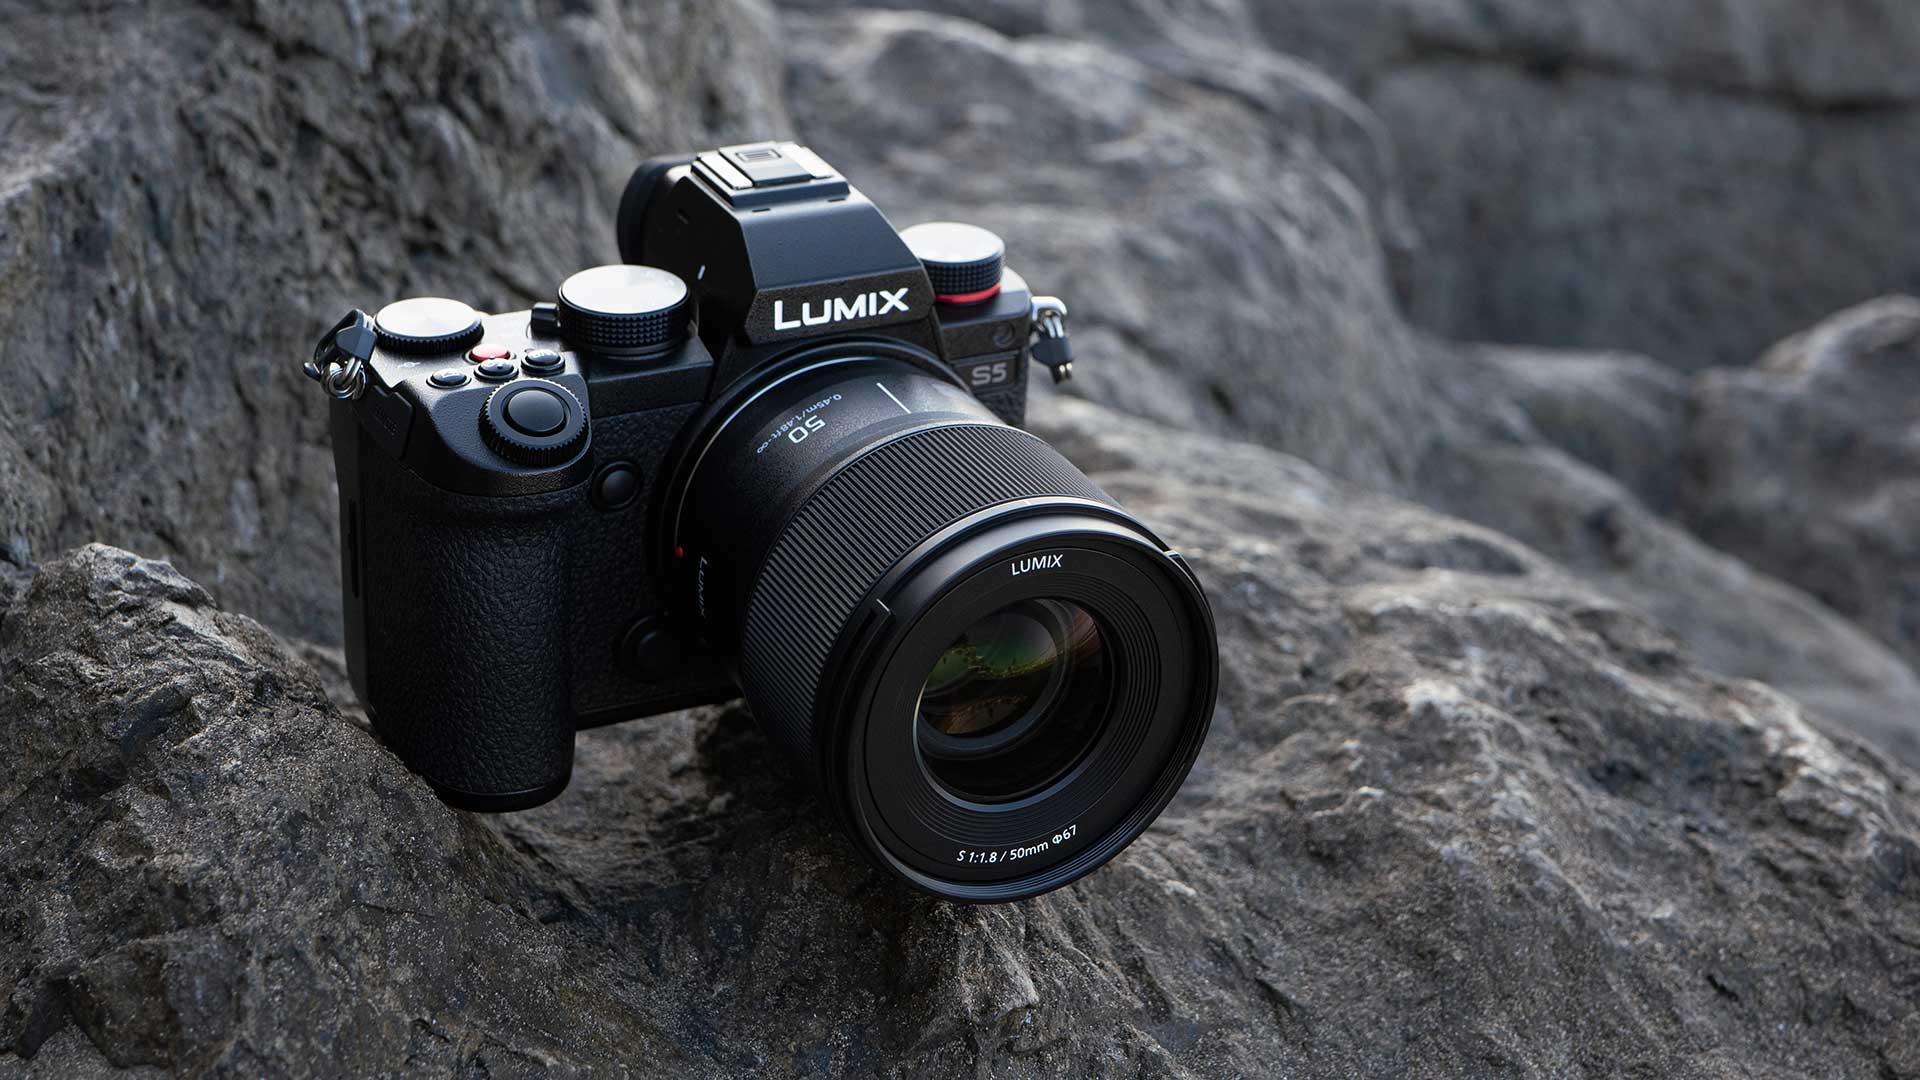 定焦镜头适合拍什么(50mm定焦镜头能拍风景吗)插图(2)